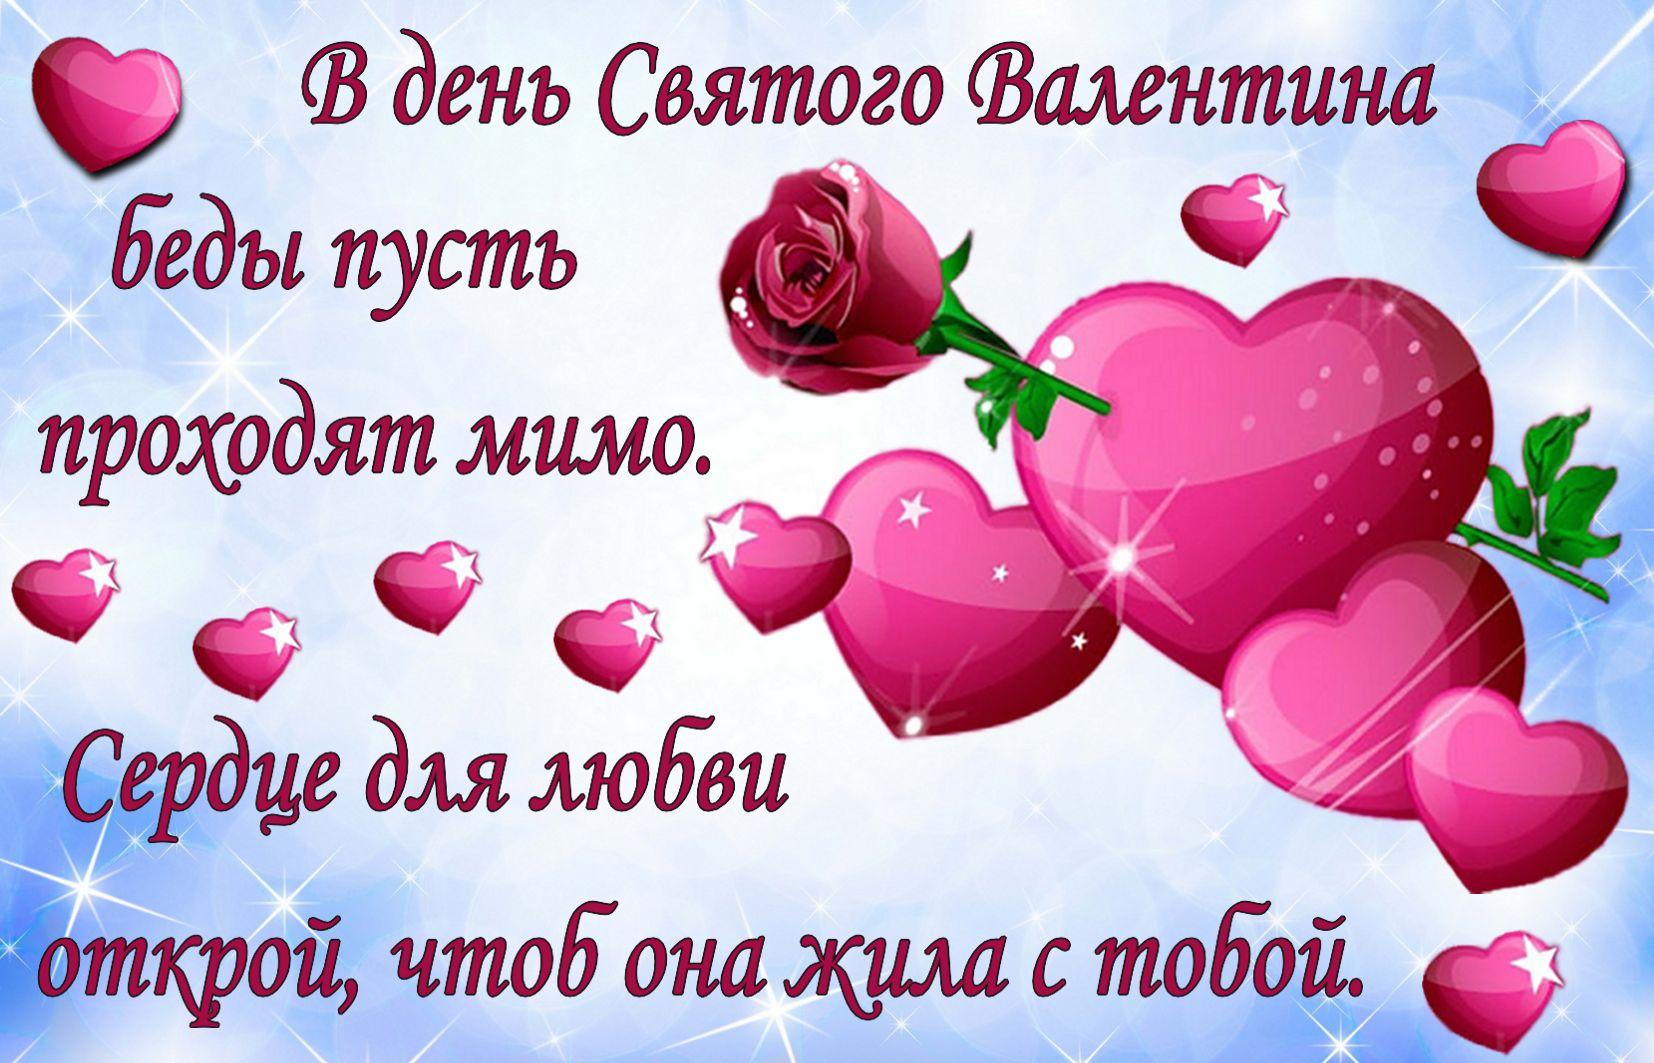 Сне, поздравительные открытки день святого валентина анне